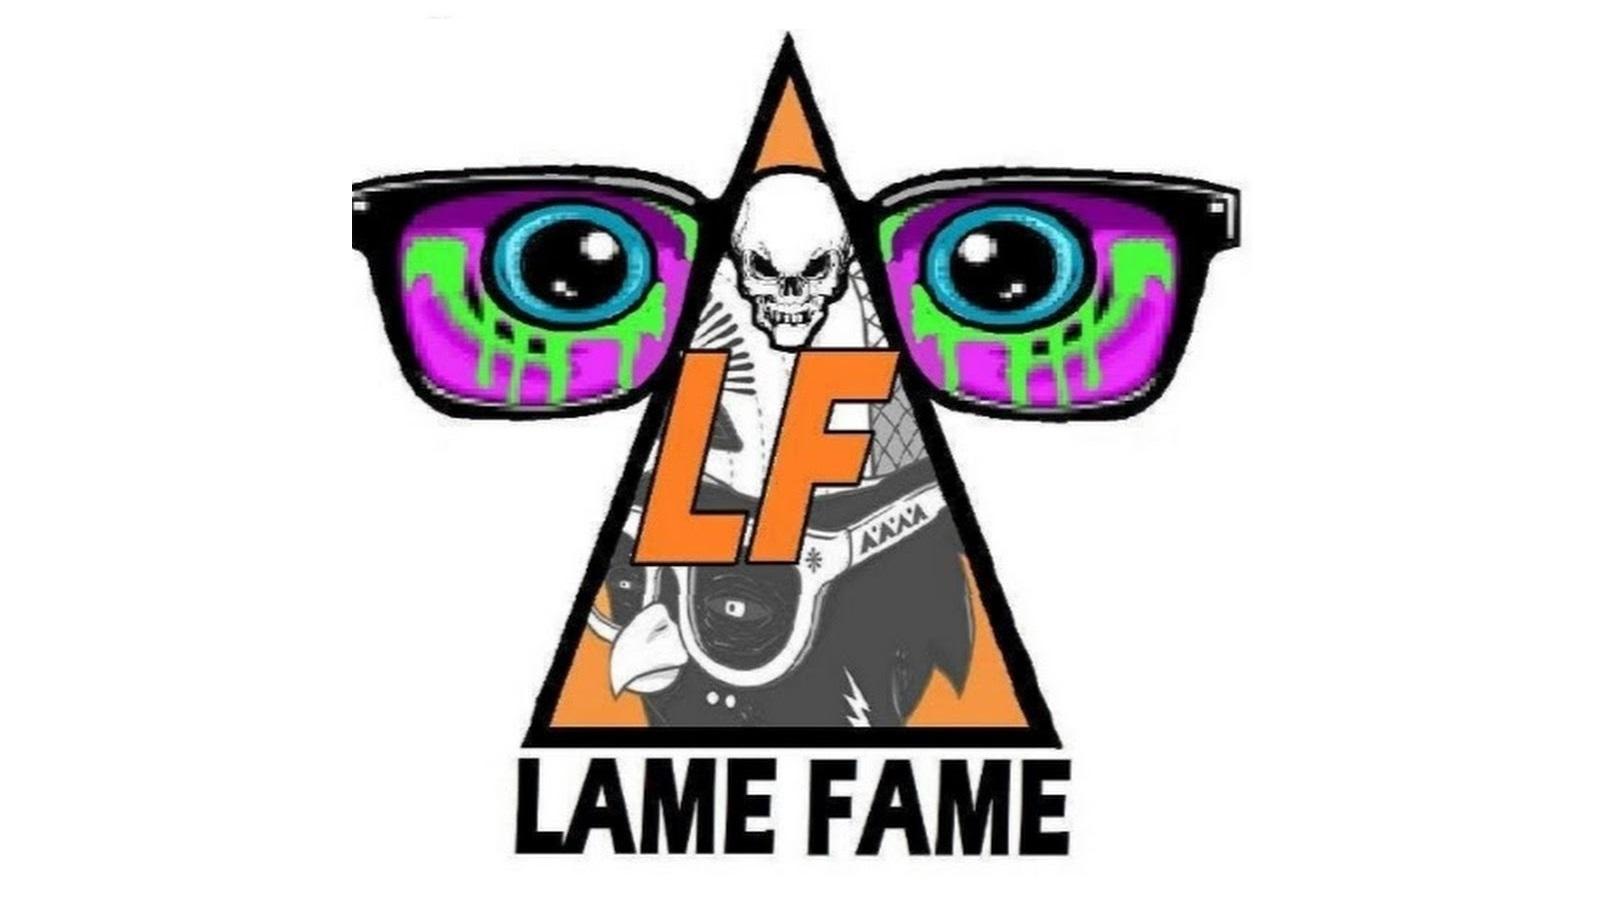 Lame Fame